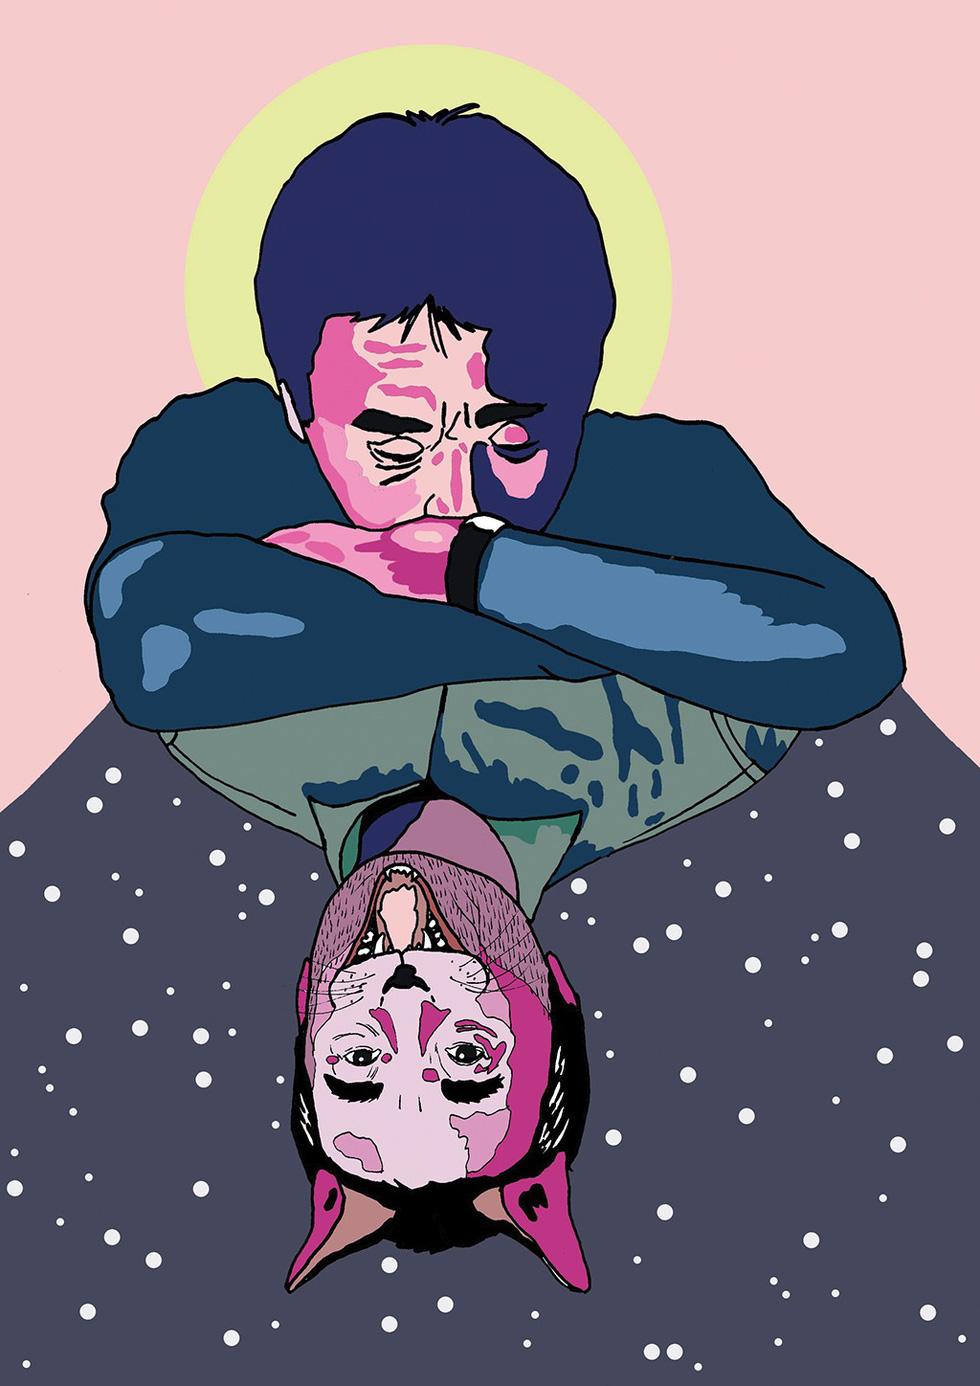 Âm nhạc, lũ mèo và những thế giới ngầm của Haruki Murakami - Ảnh 1.